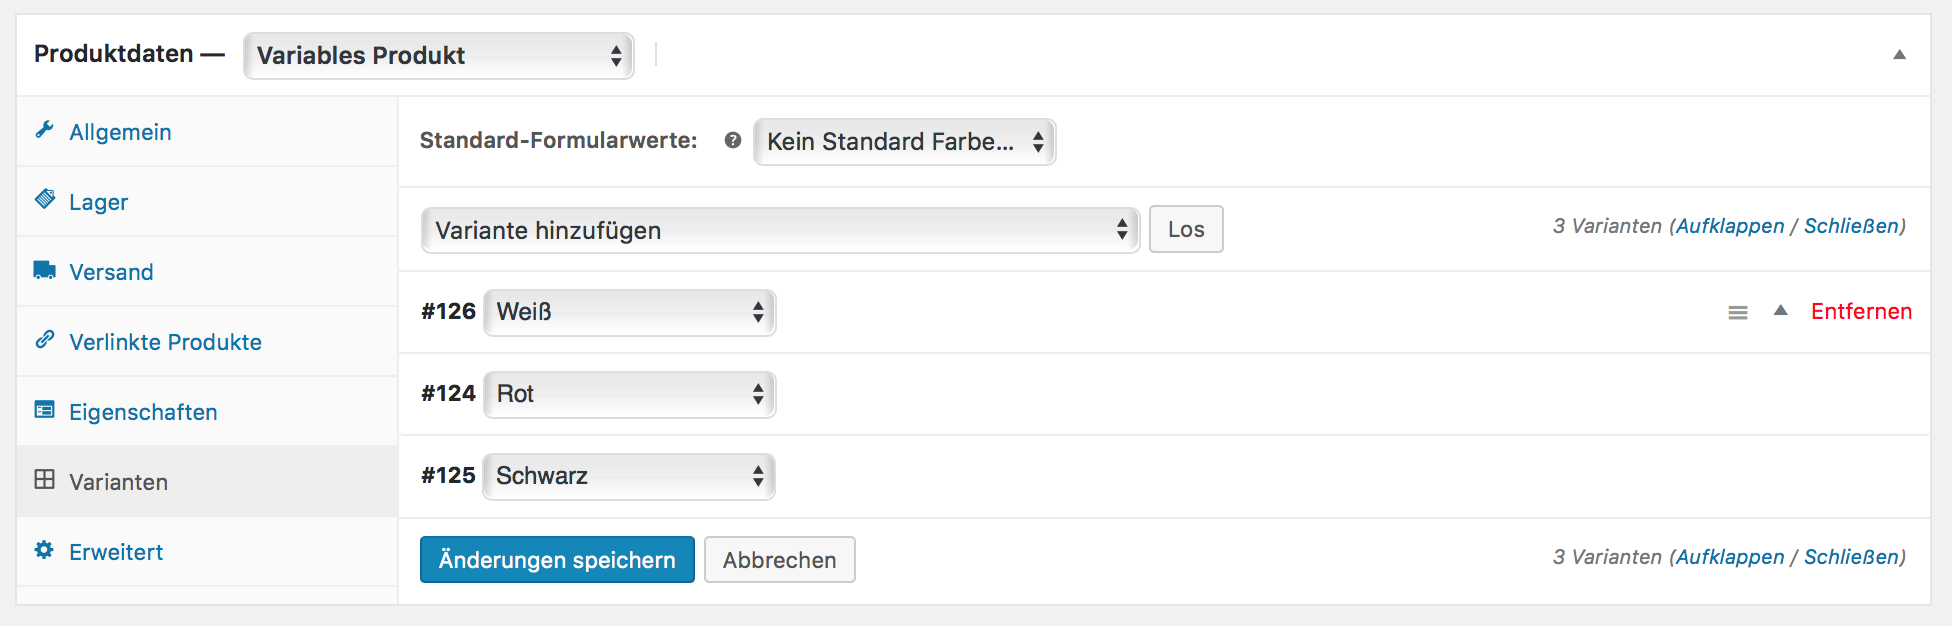 Benutzerdefinierte Produktvarianten hinzufügen